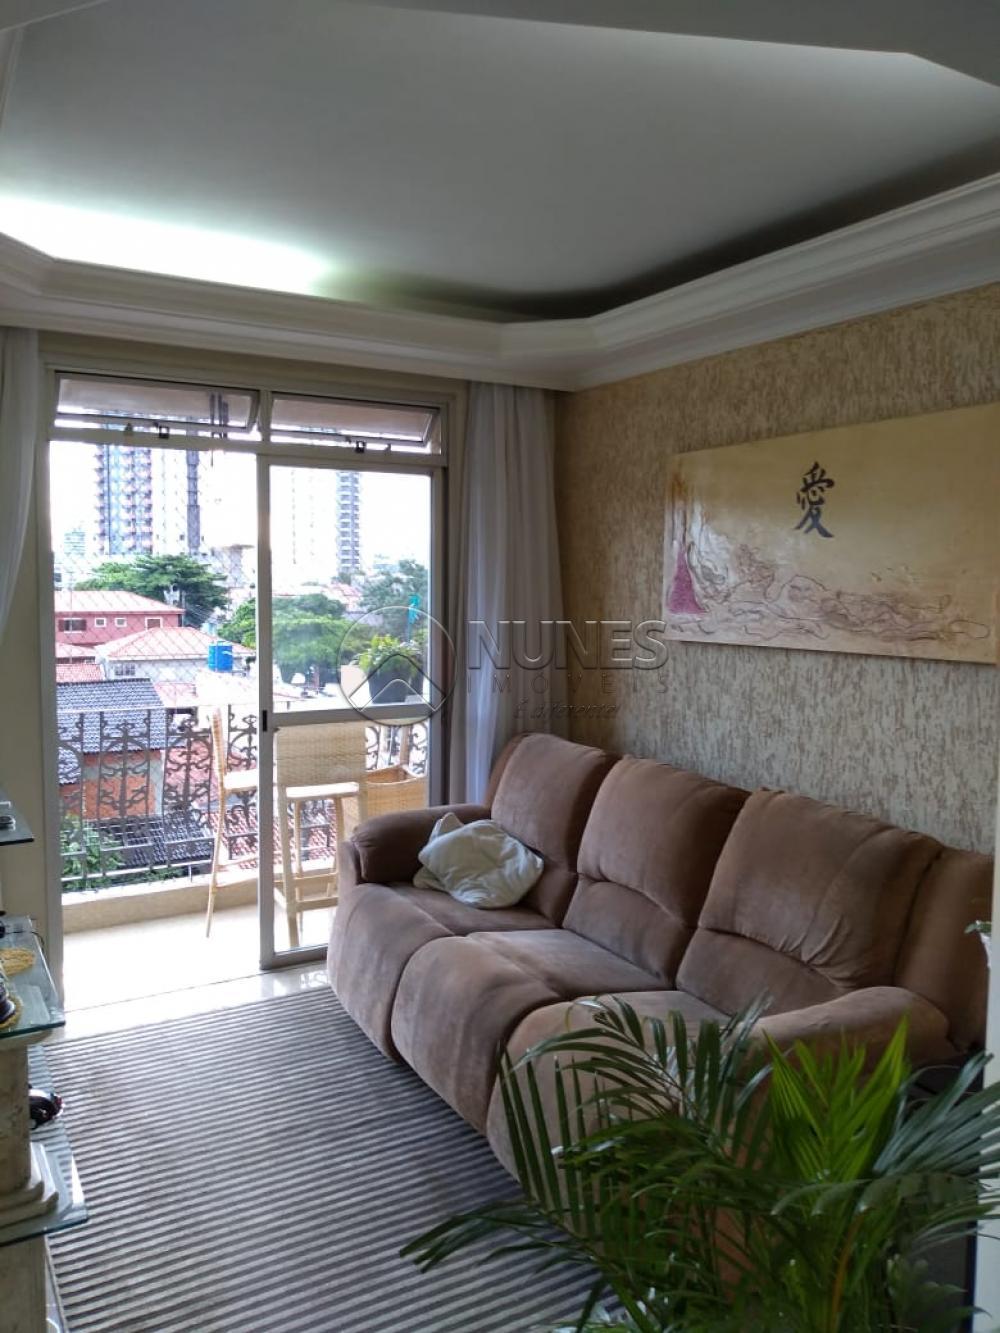 Comprar Apartamento / Padrão em Osasco apenas R$ 500.000,00 - Foto 1